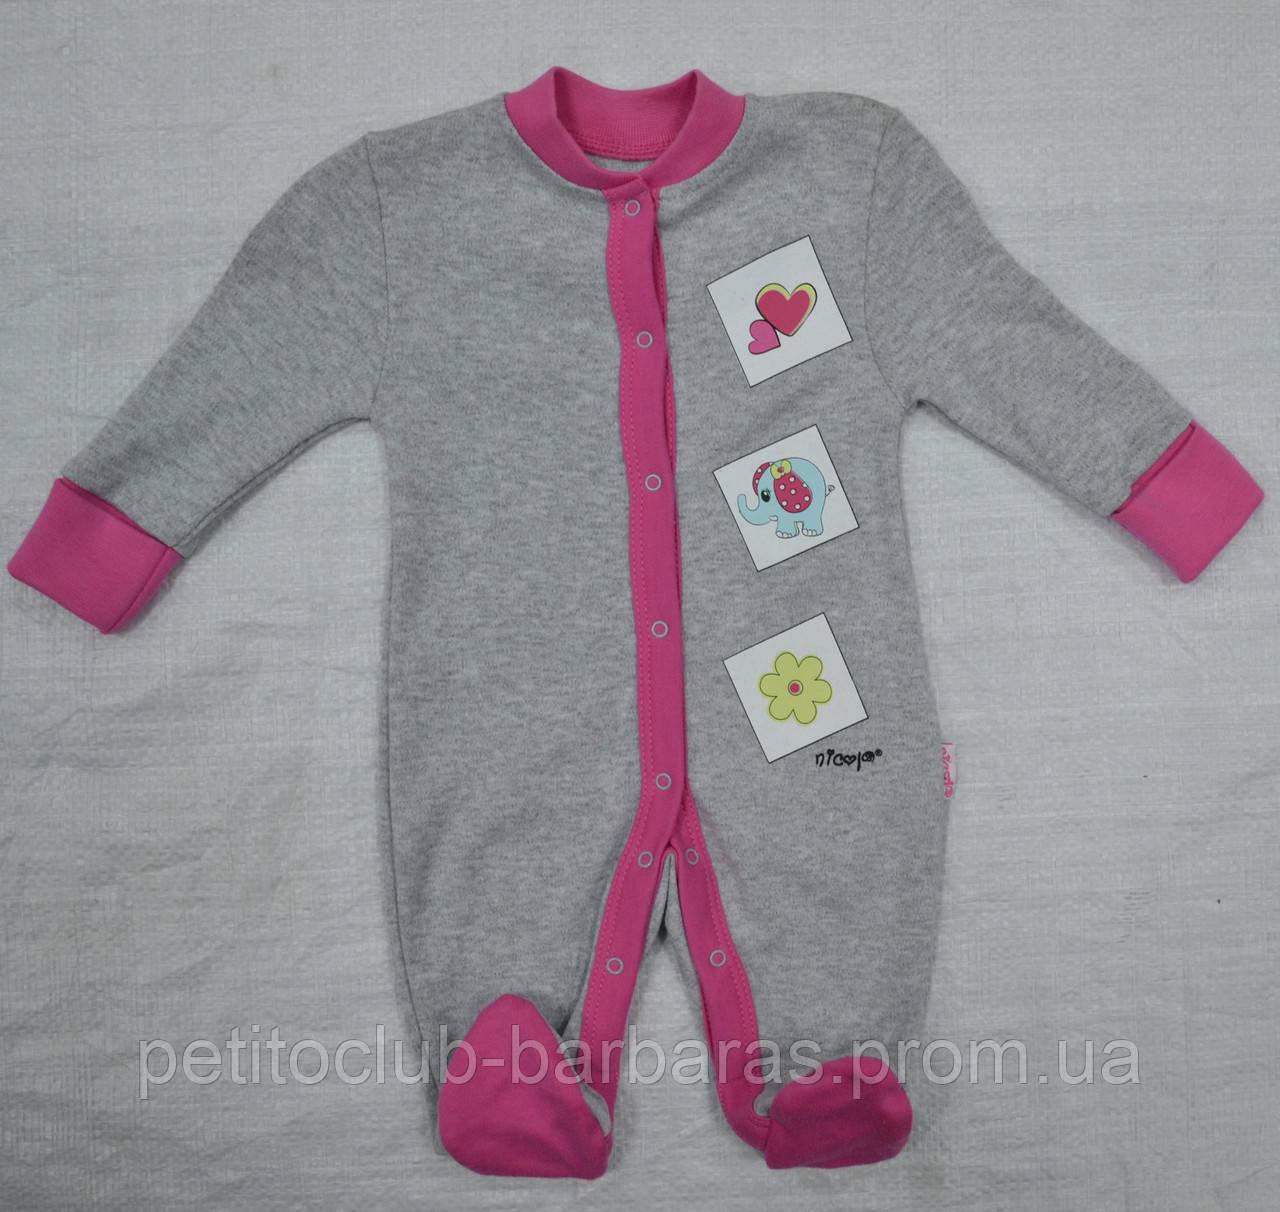 Комбинезон хлопковый для девочки Слоник (Nicol, Польша)